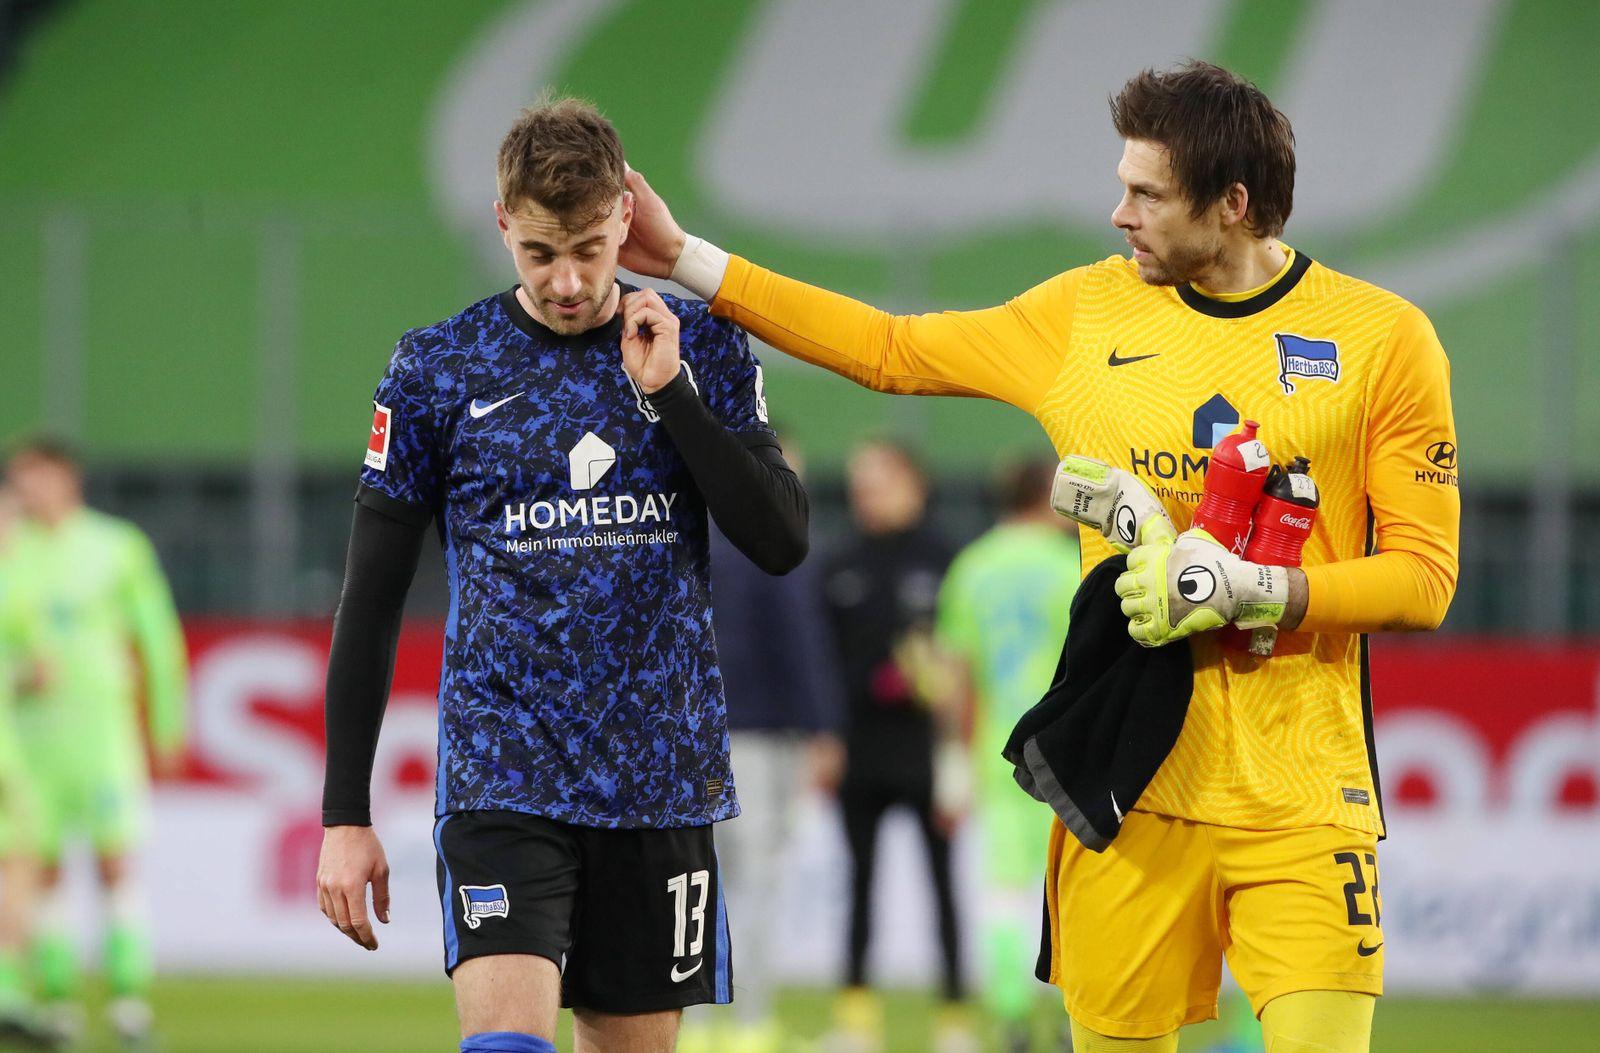 Lukas Klünter (Eigentor 0:1), Torwart Rune Jarstein redend tröstend nach Spielende / / Fußball Fussball / DFL erste 1.B